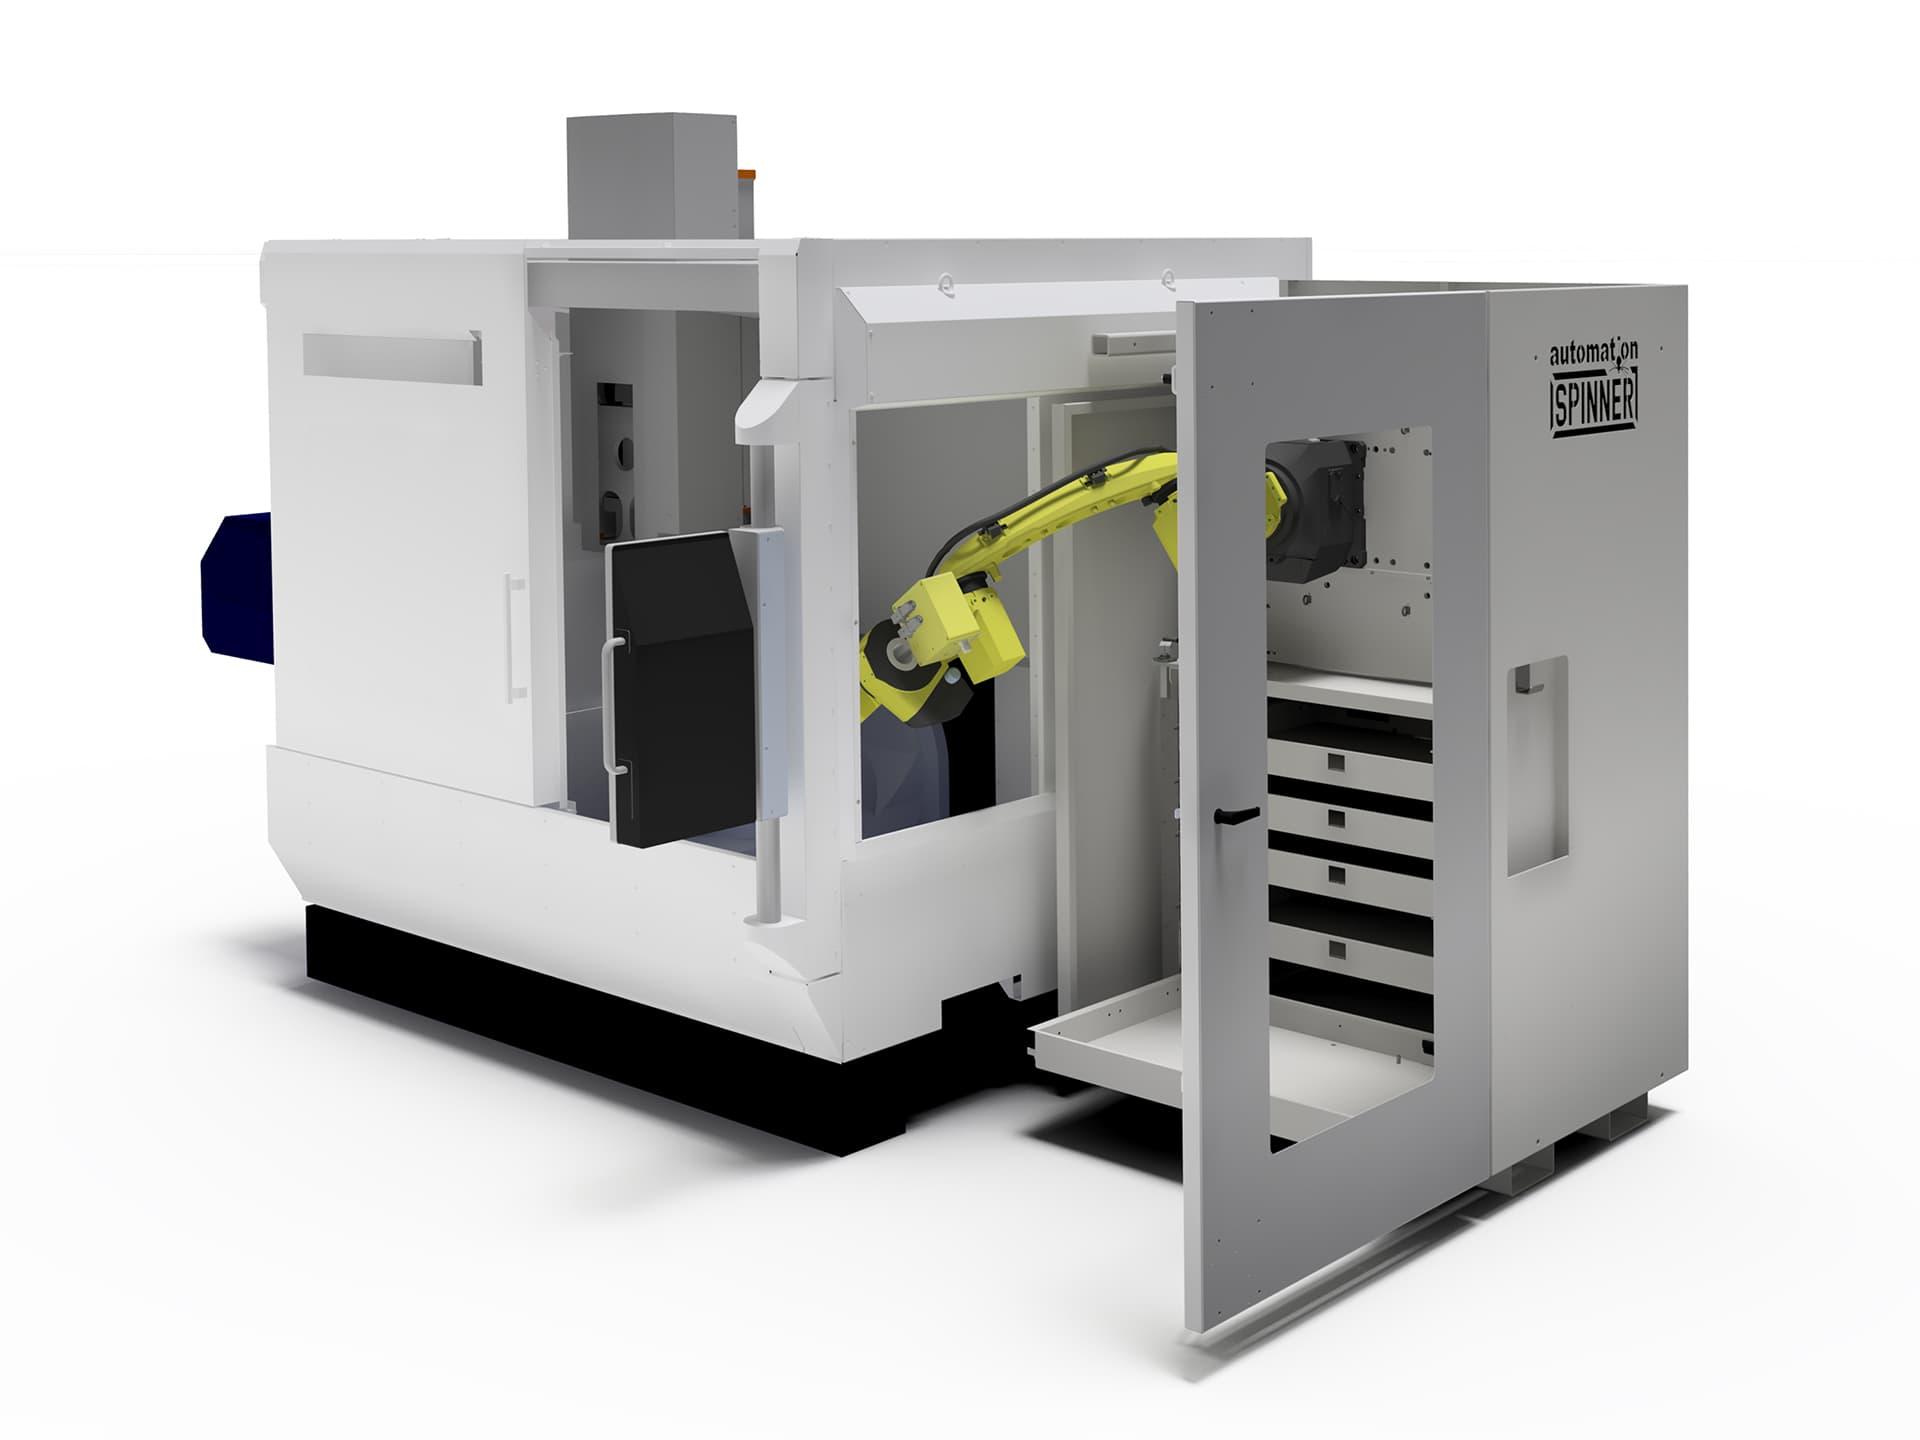 Spinner AG - Visualisierung Seitenansicht Robobox mit 5-Achs-Bearbeitungszentrum Spinner U5